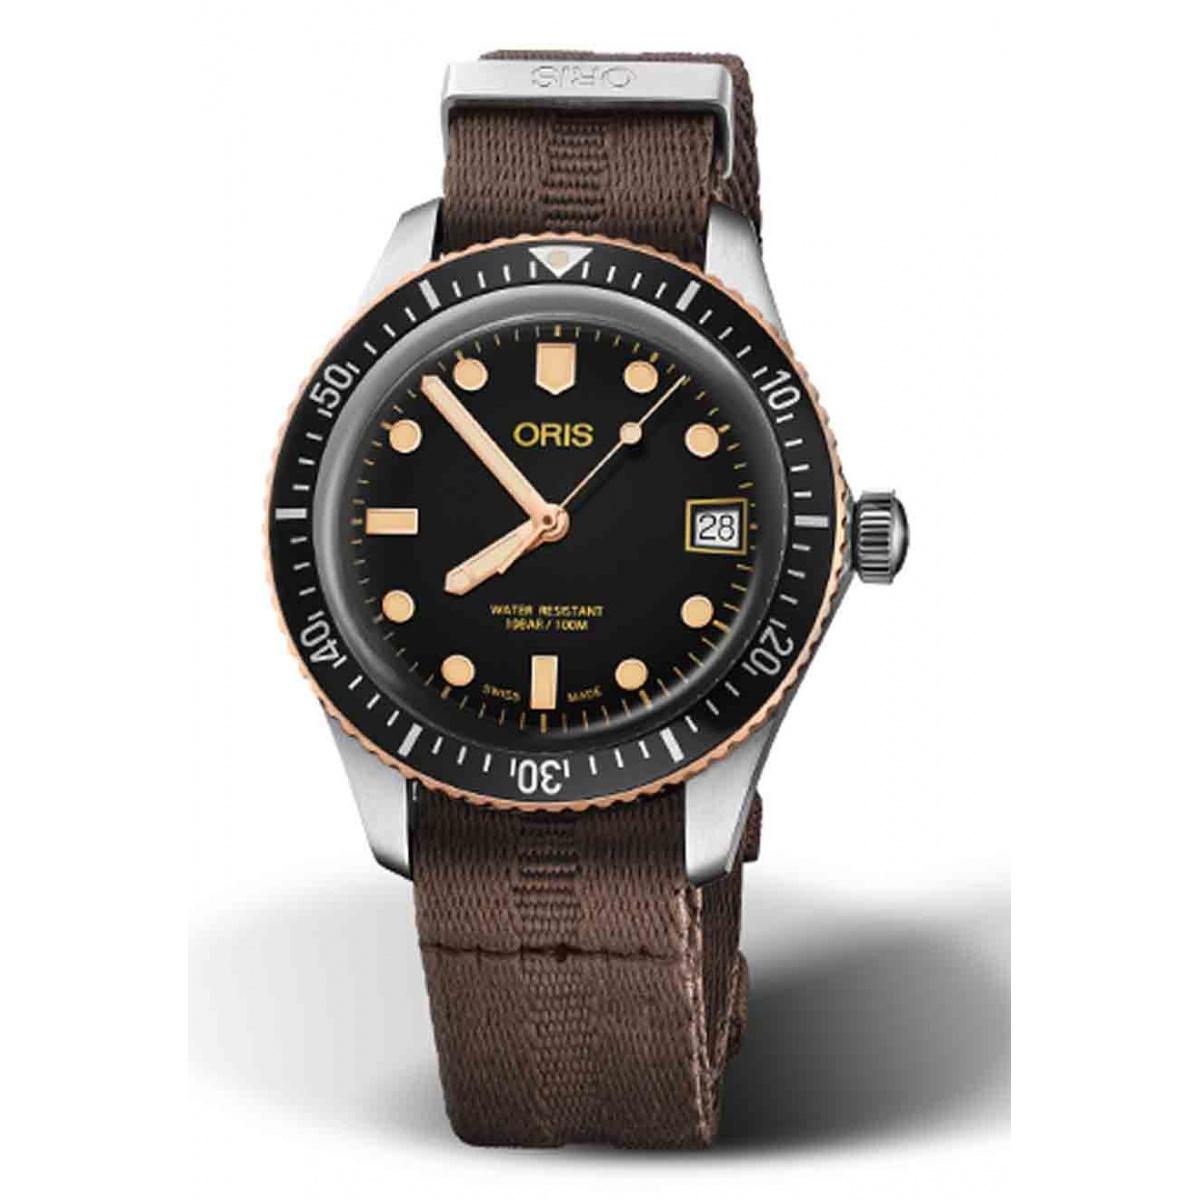 ORIS DIVERS SIXTY-FIVE 100 M ∅36 mm, Esfera negra y bronze, correa textil marrón